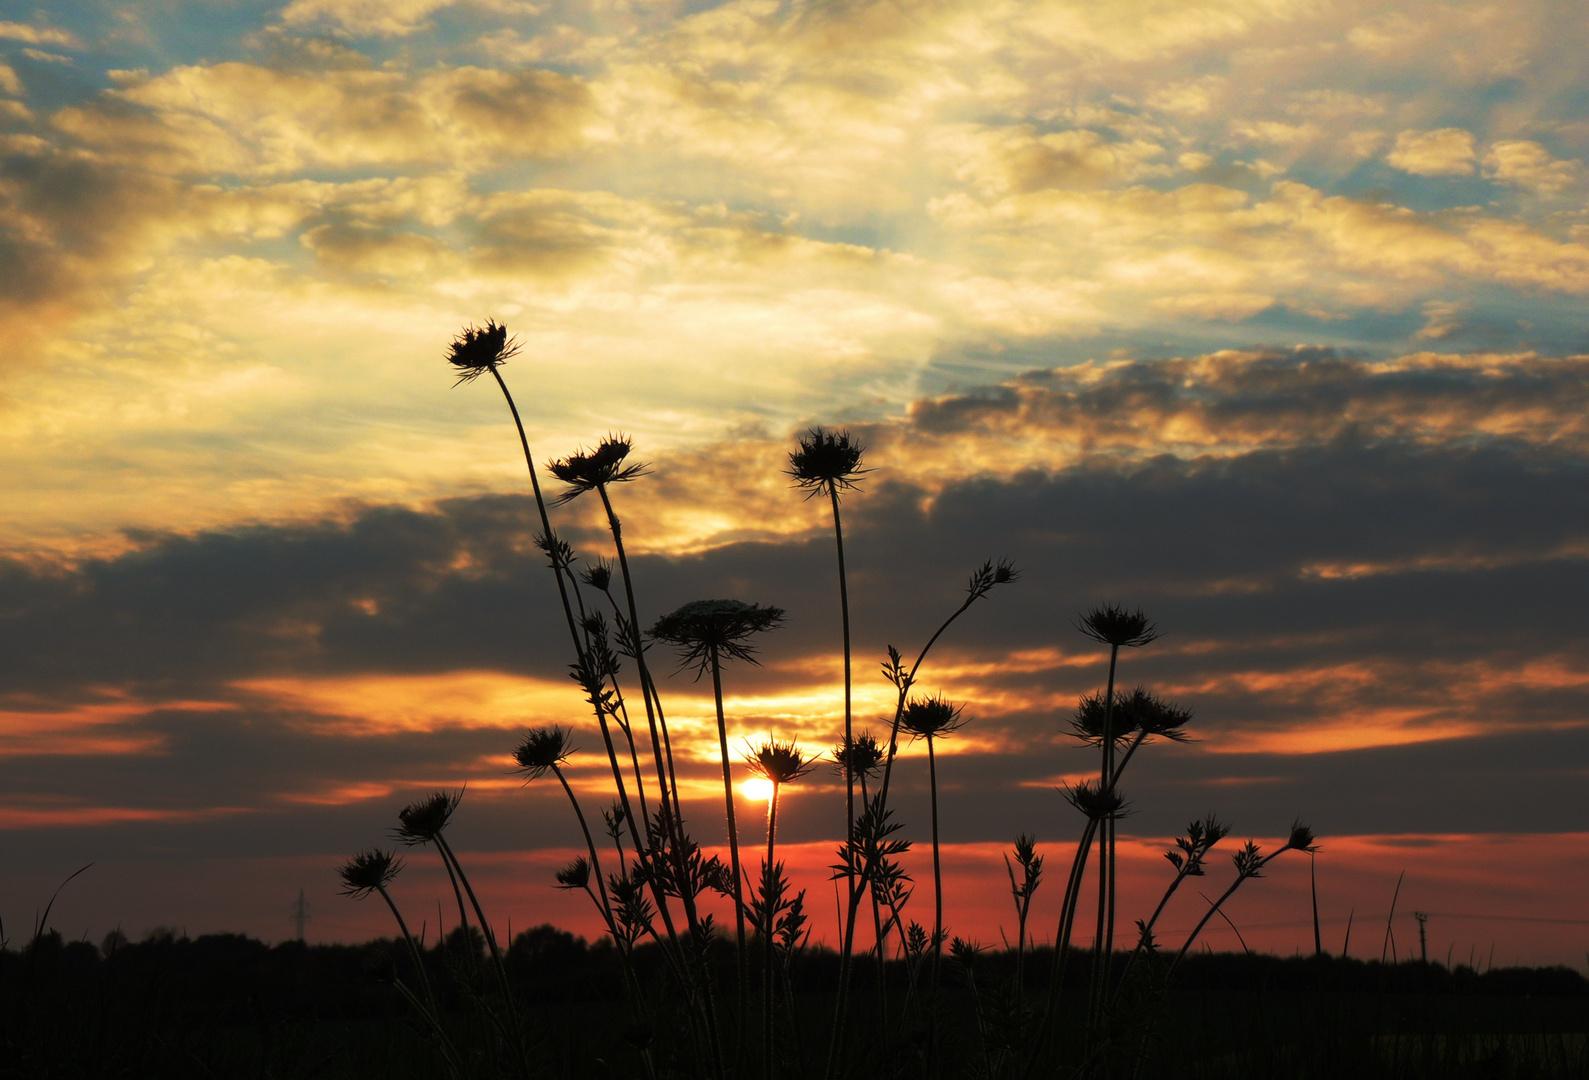 Sonnenuntergang mit blumigem Schattenspiel